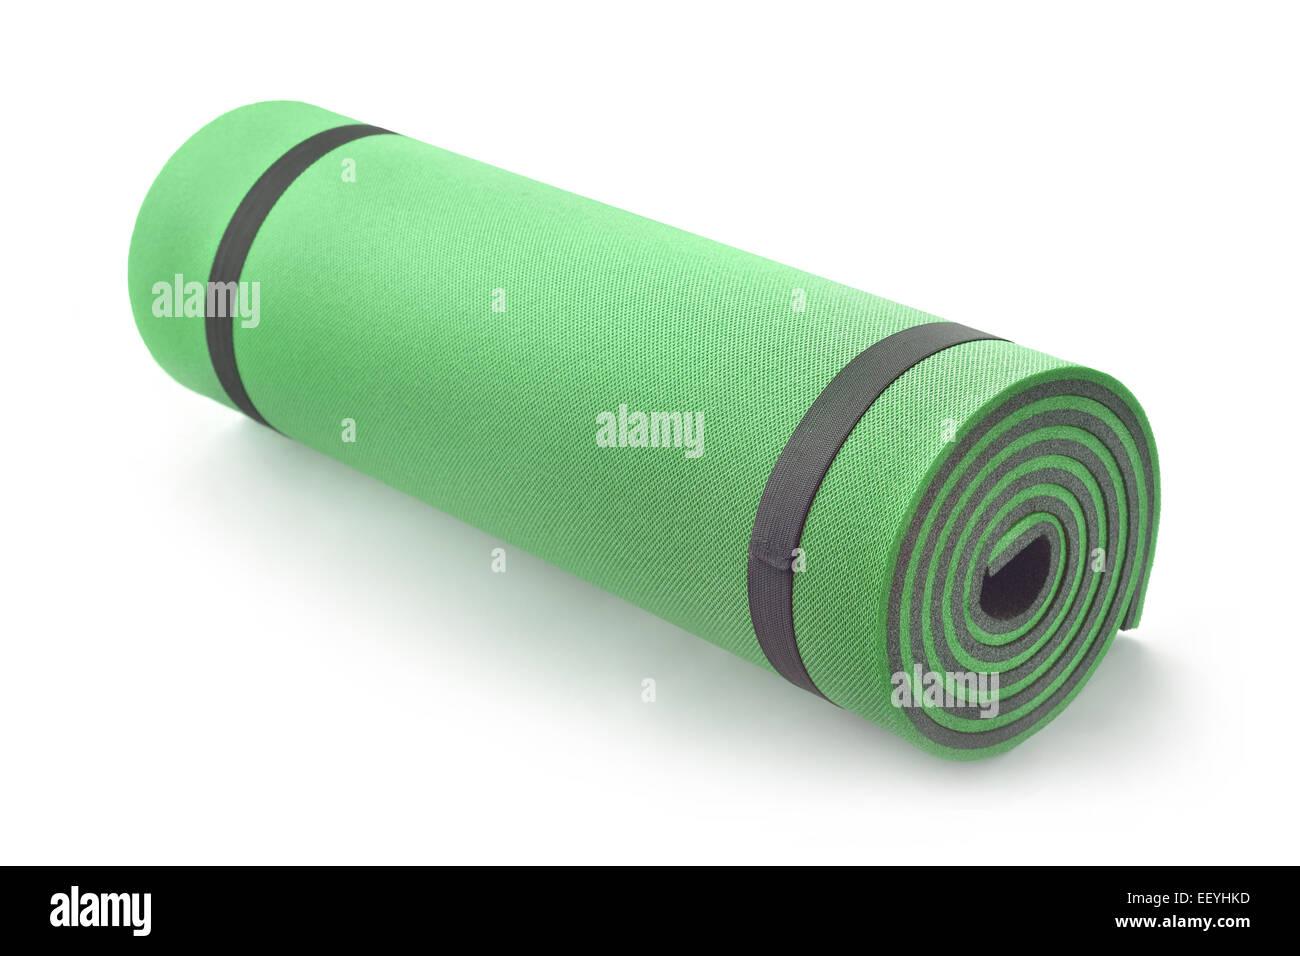 Fitness-Isolierung-Matte auf weiß Stockbild